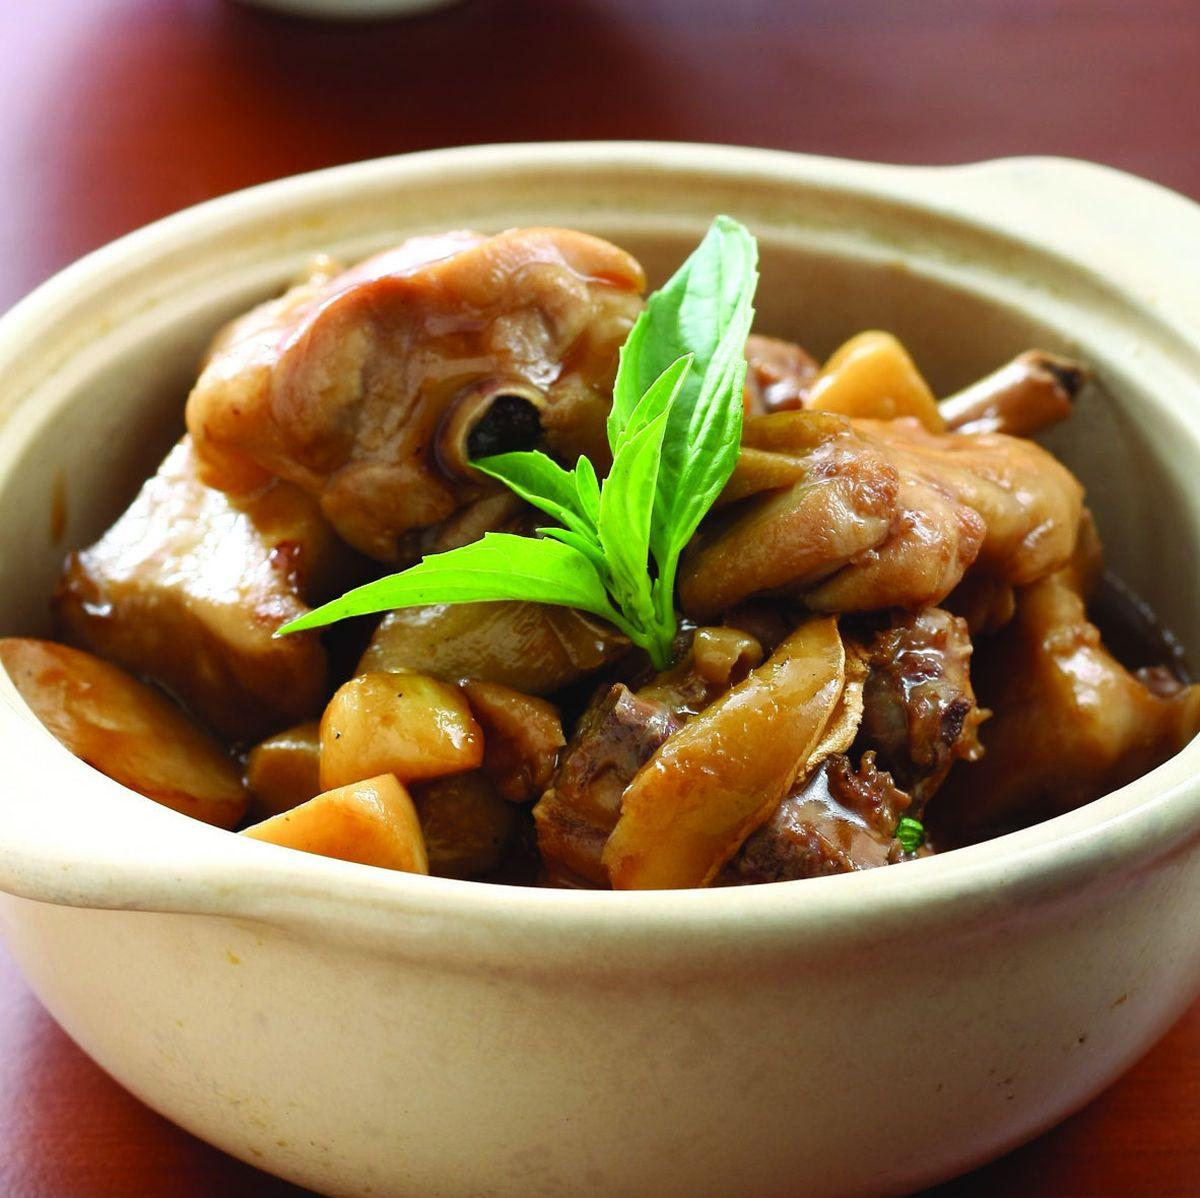 食譜:鮮菇三杯雞腿